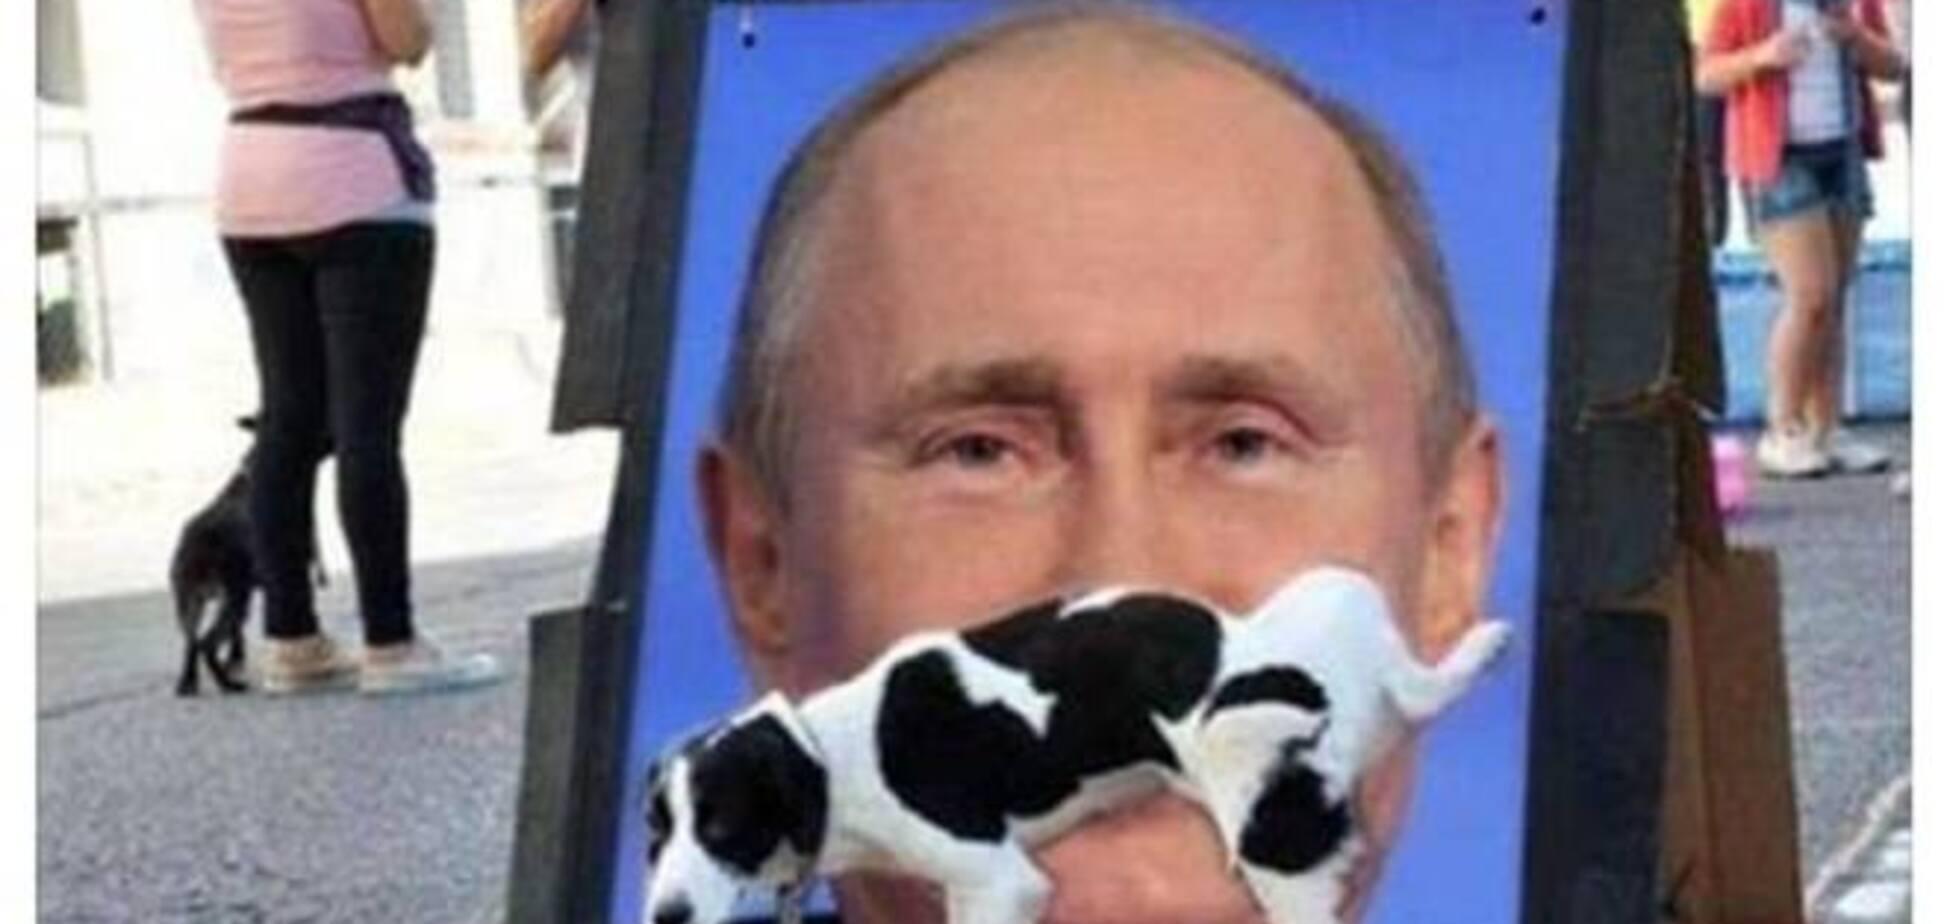 Собака по-своєму відреагував на санкції проти Путіна і порвав Інтернет